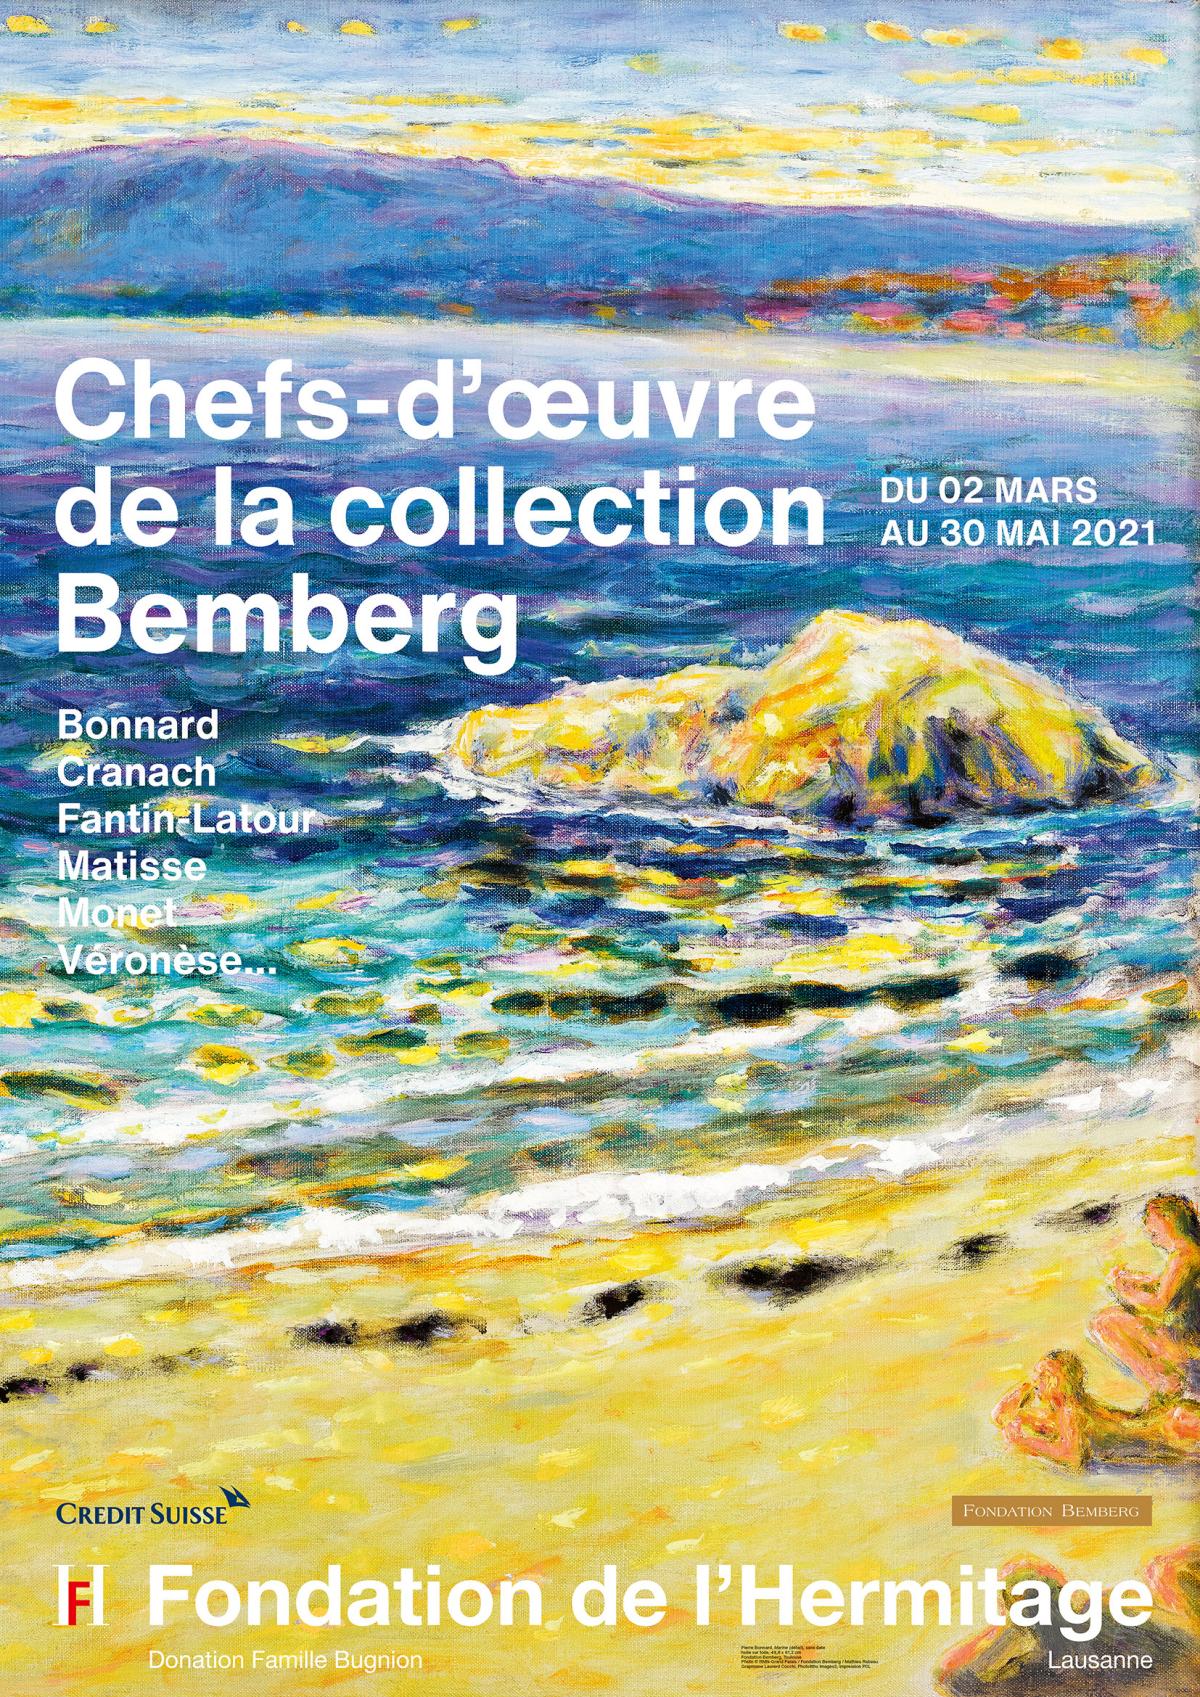 CHEFS-D'OEUVRE DE LA COLLECTION BEMBERG